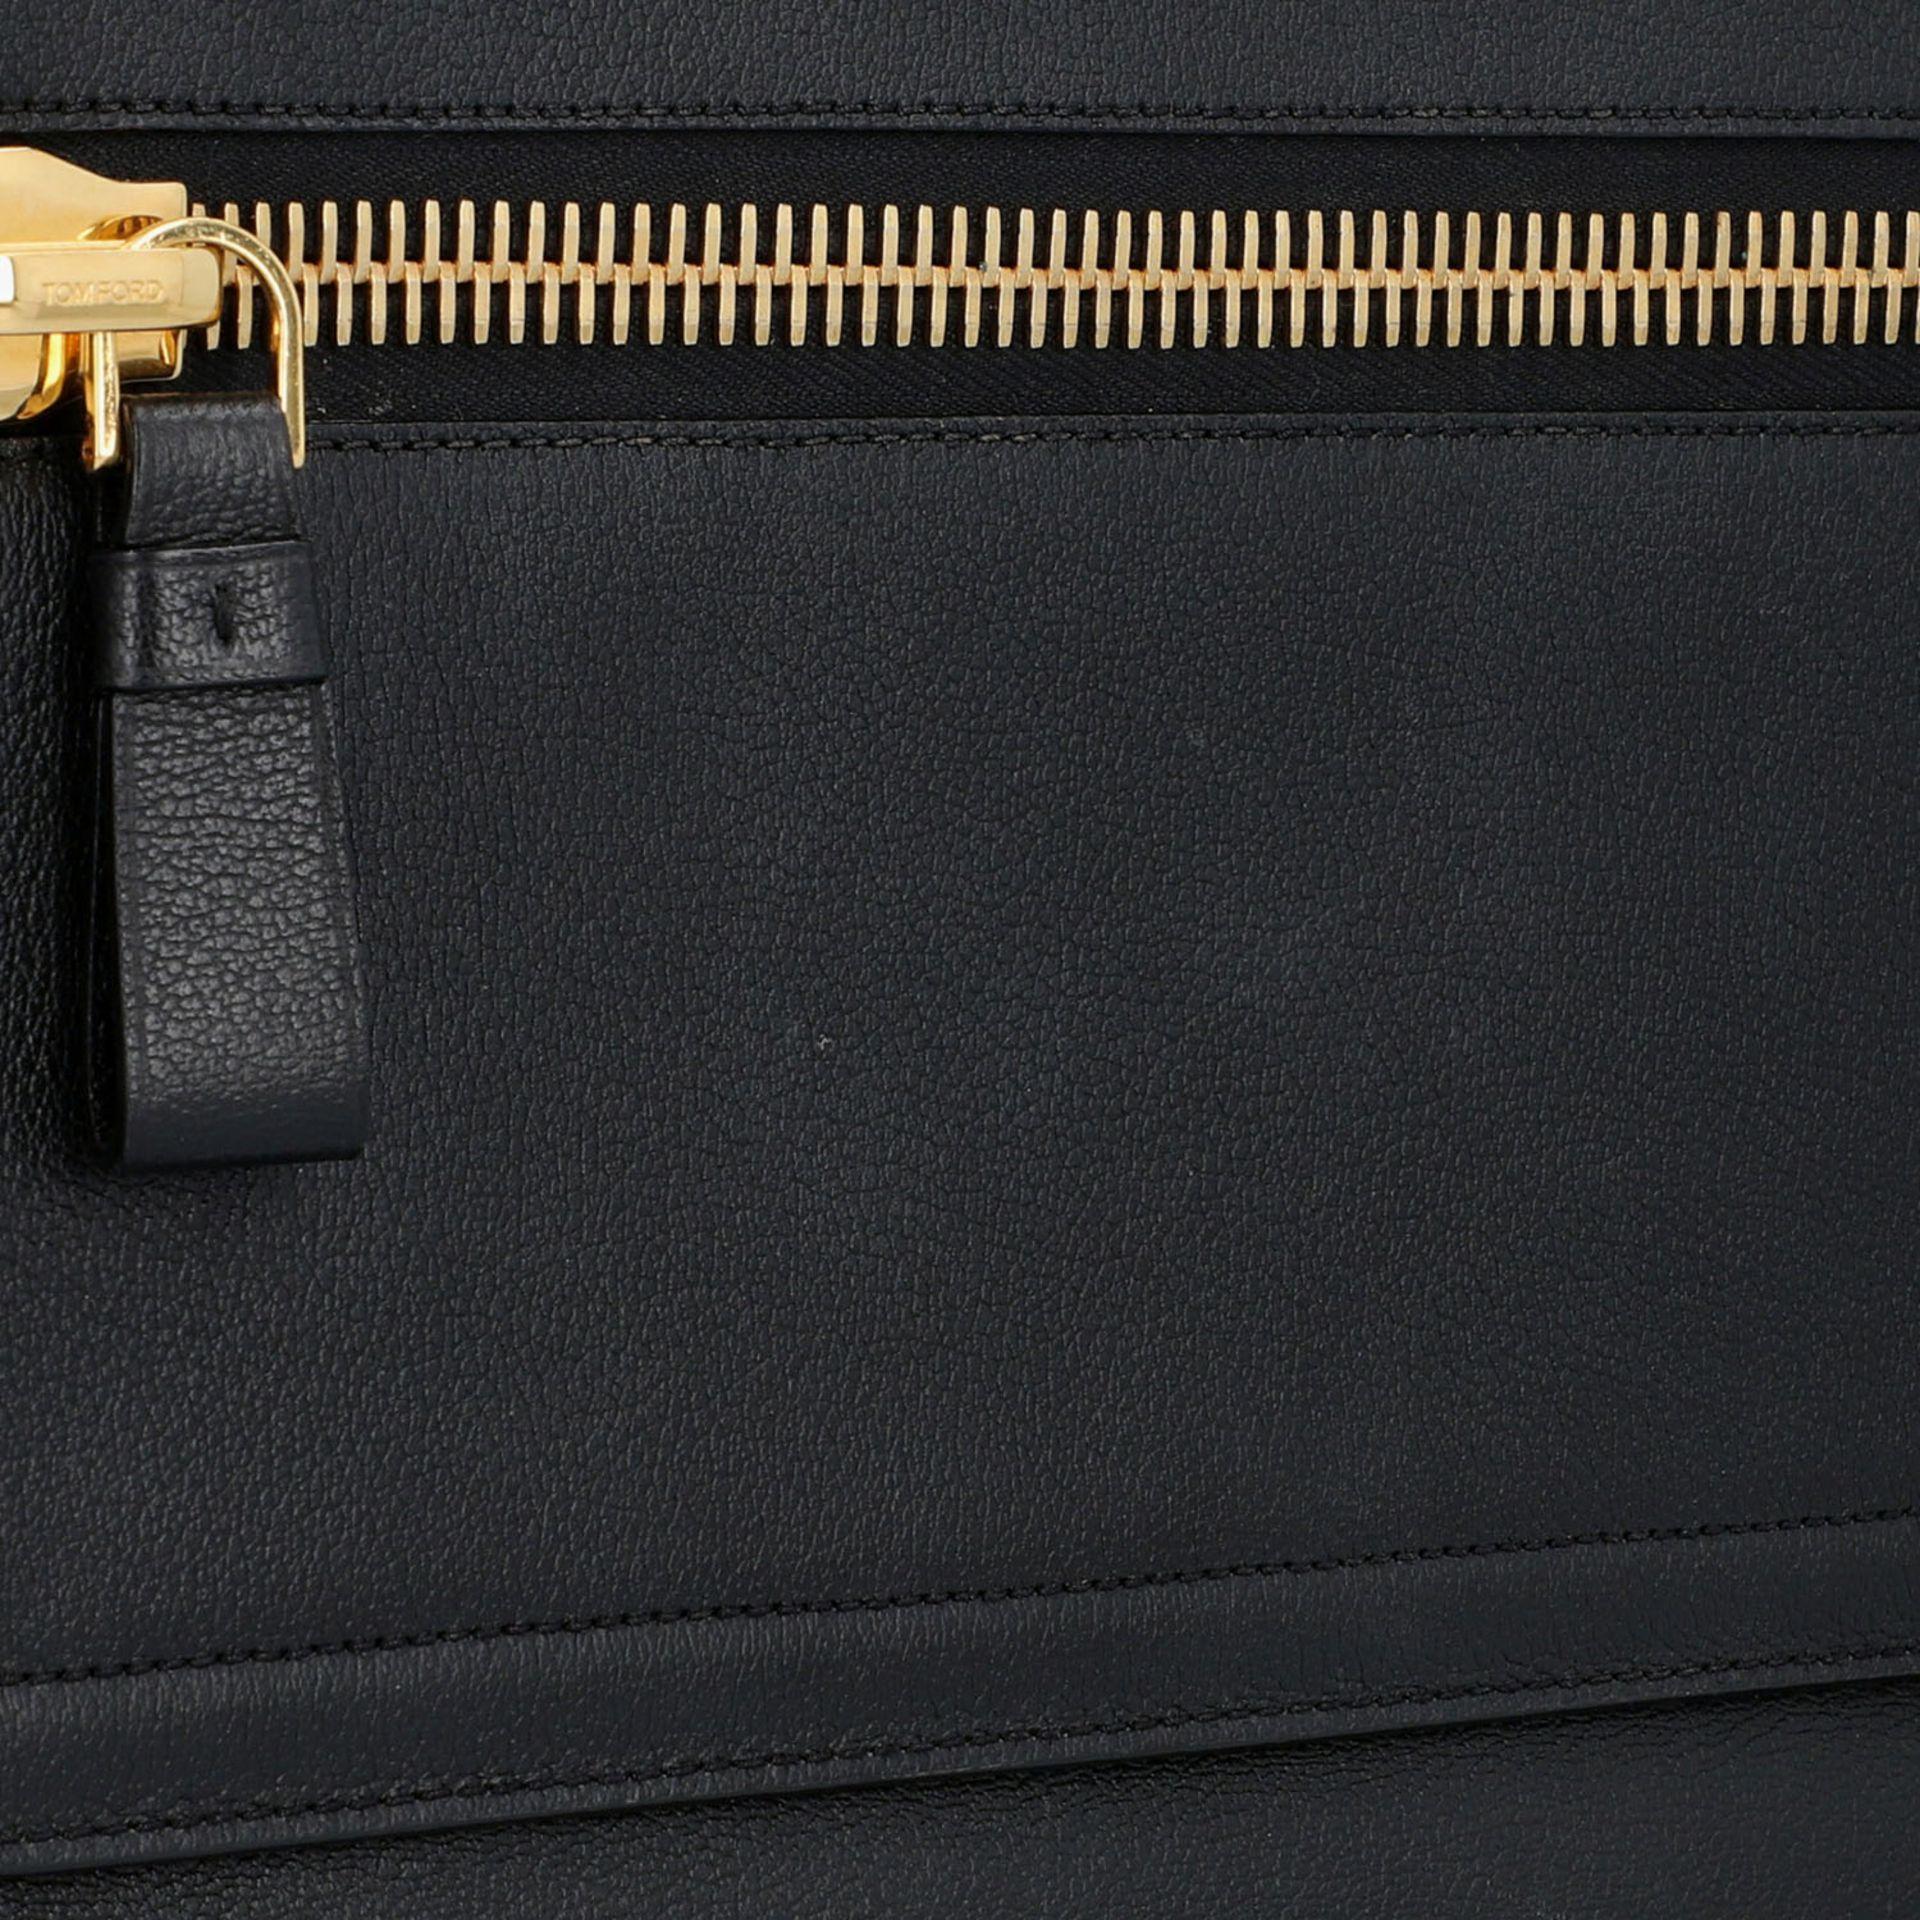 TOM FORD Clutch, NP. ca.: 1.900,-€. Schwarzes Leder mit Reißverschluss Außenfach a - Image 7 of 7